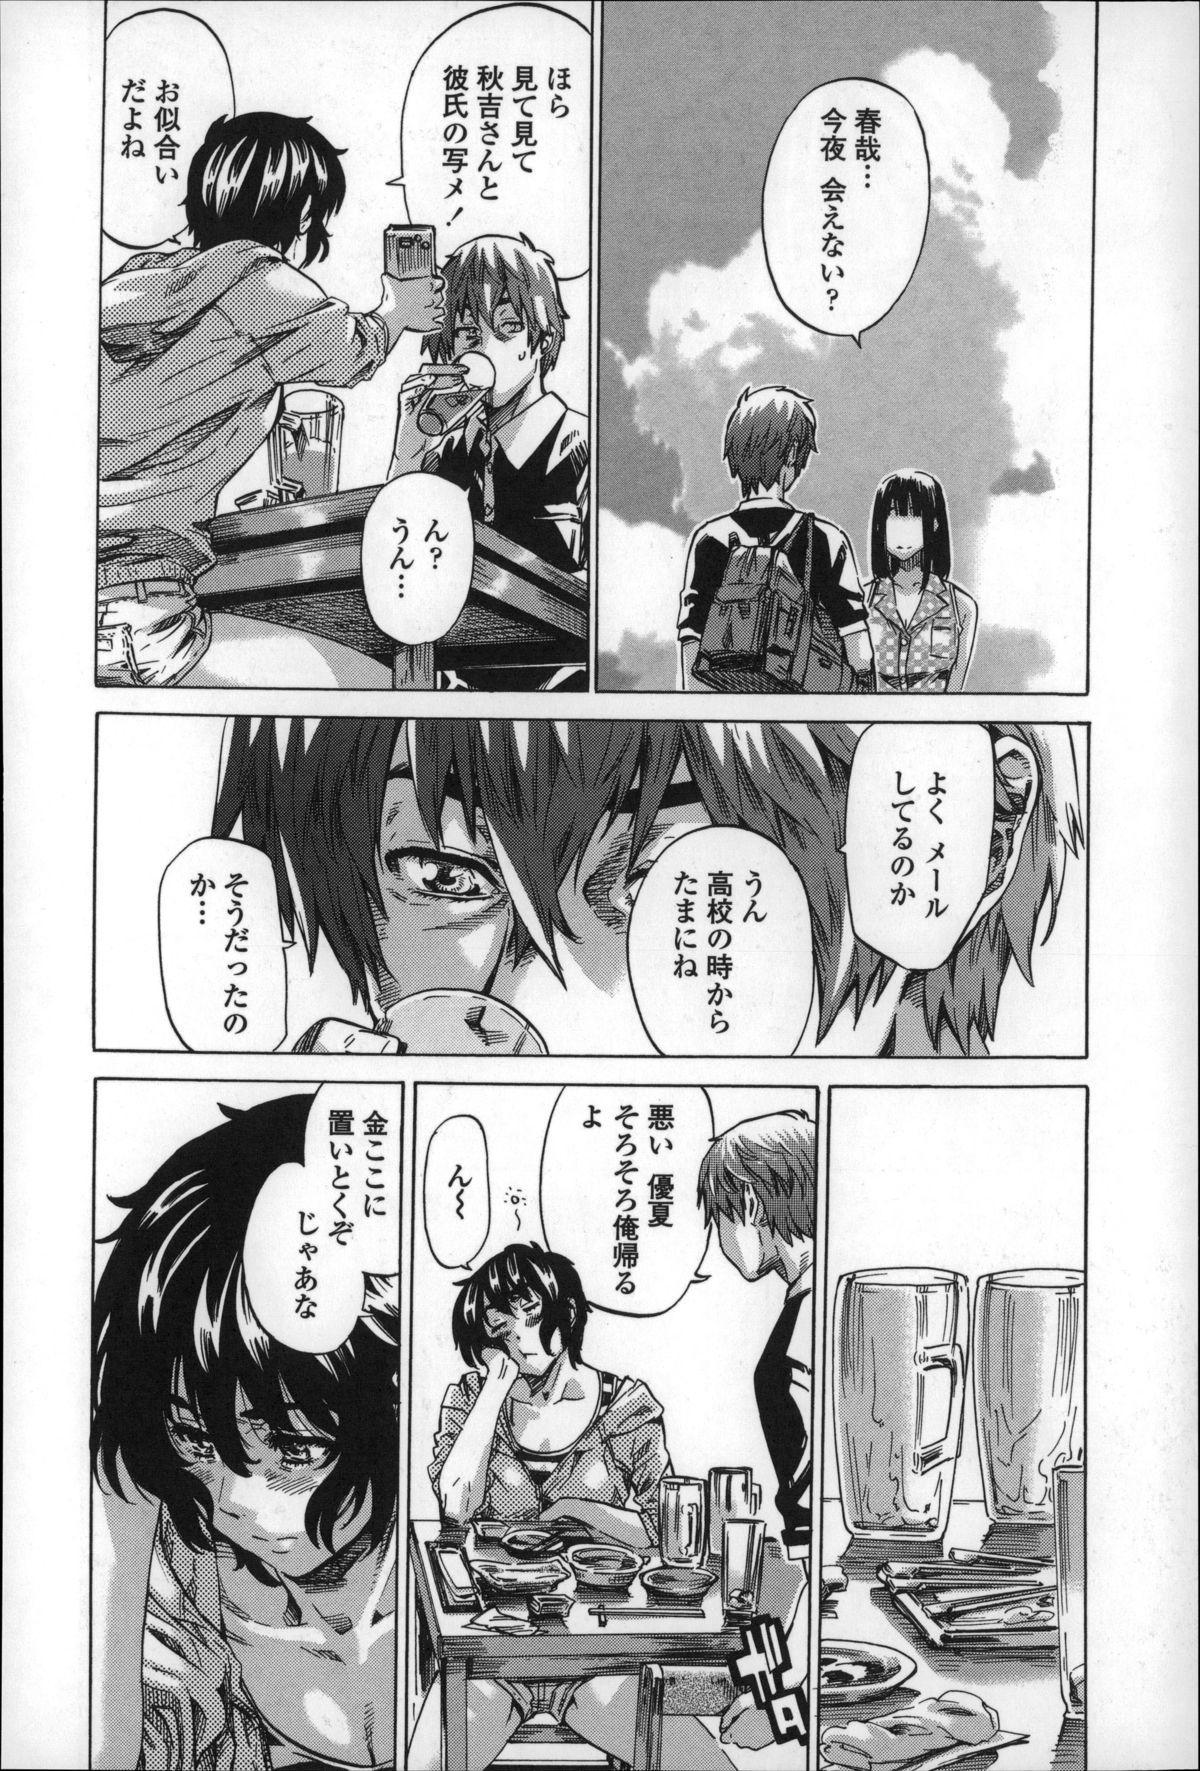 Choushin de Mukuchi no Kanojo ga Hatsujou Shite Kitara Eroiyo ne? 177